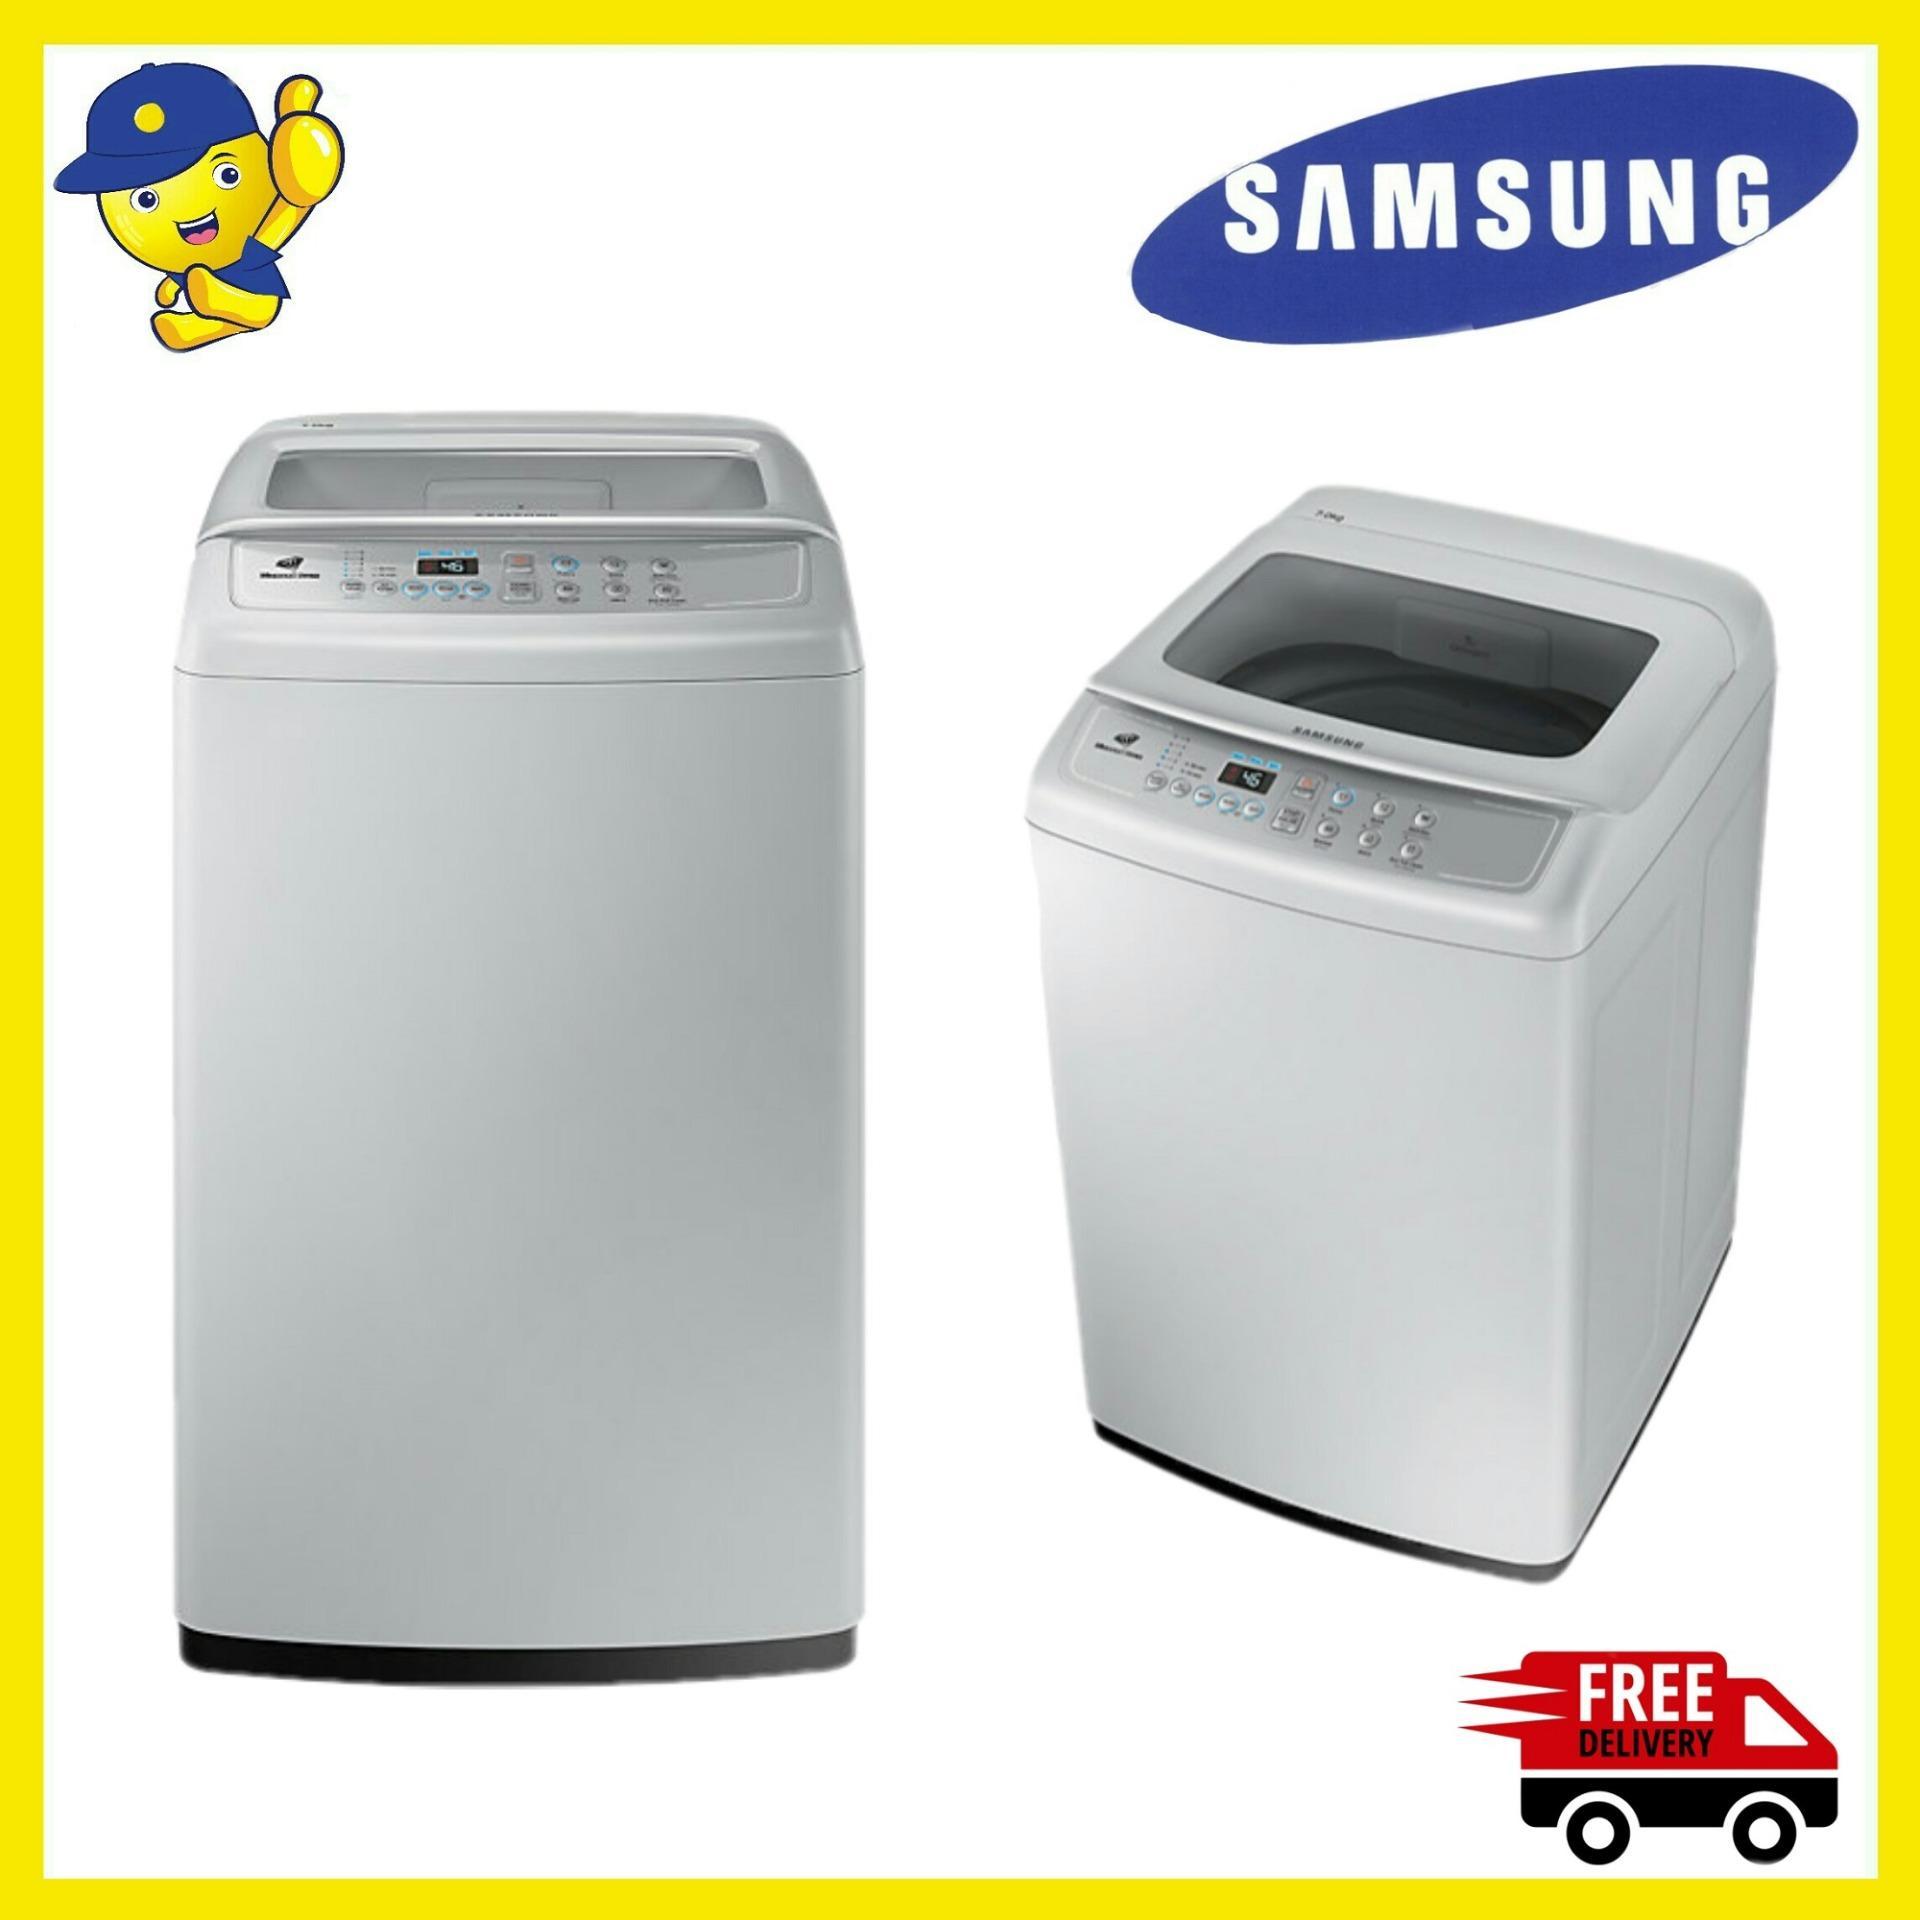 Samsung Mesin Cuci Top Load 7 Kg WA70H4000SG - Abu-abu - Gratis Pengiriman JABODETABEK